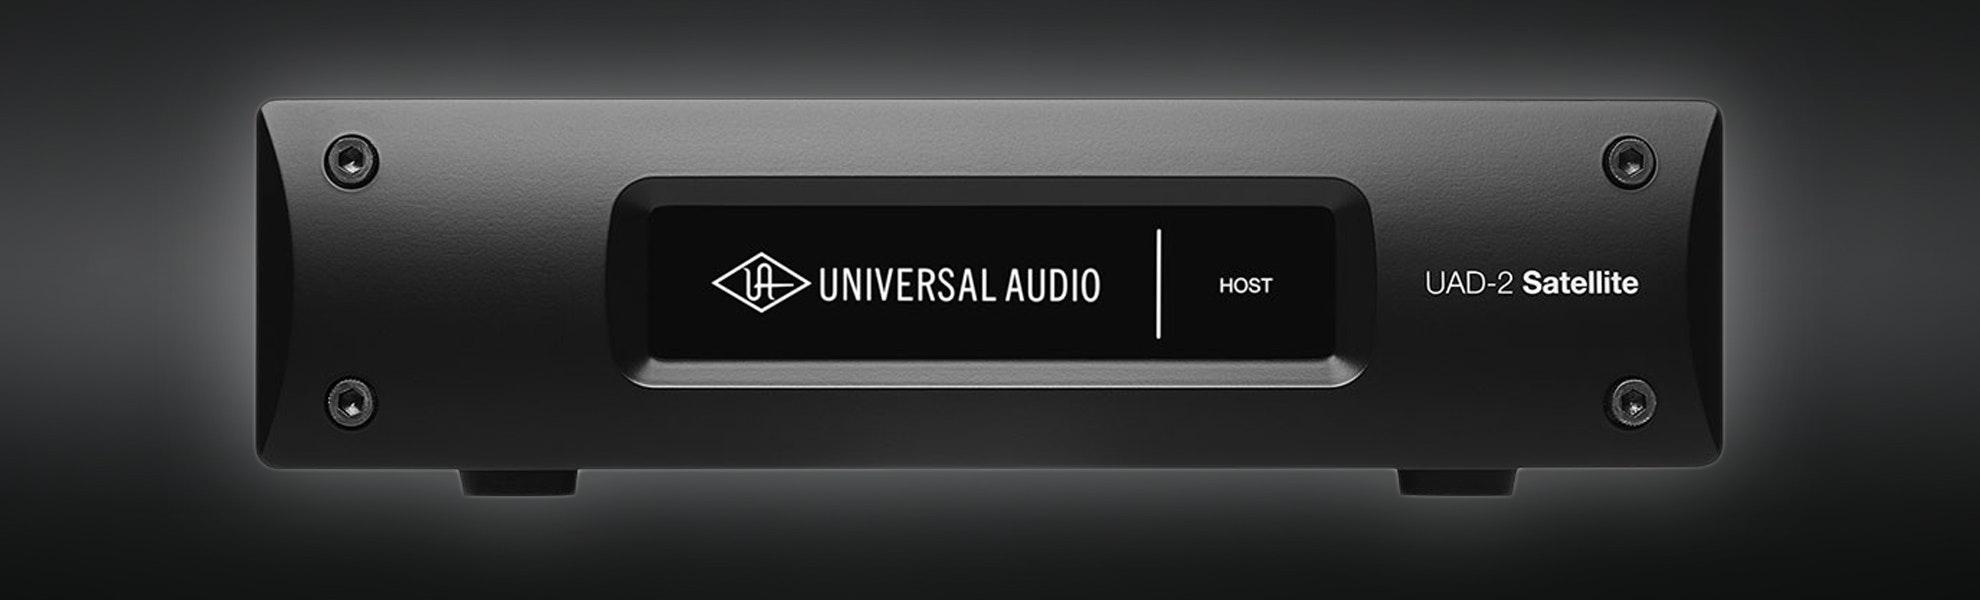 Universal Audio UAD-2 Satellite Thunderbolt